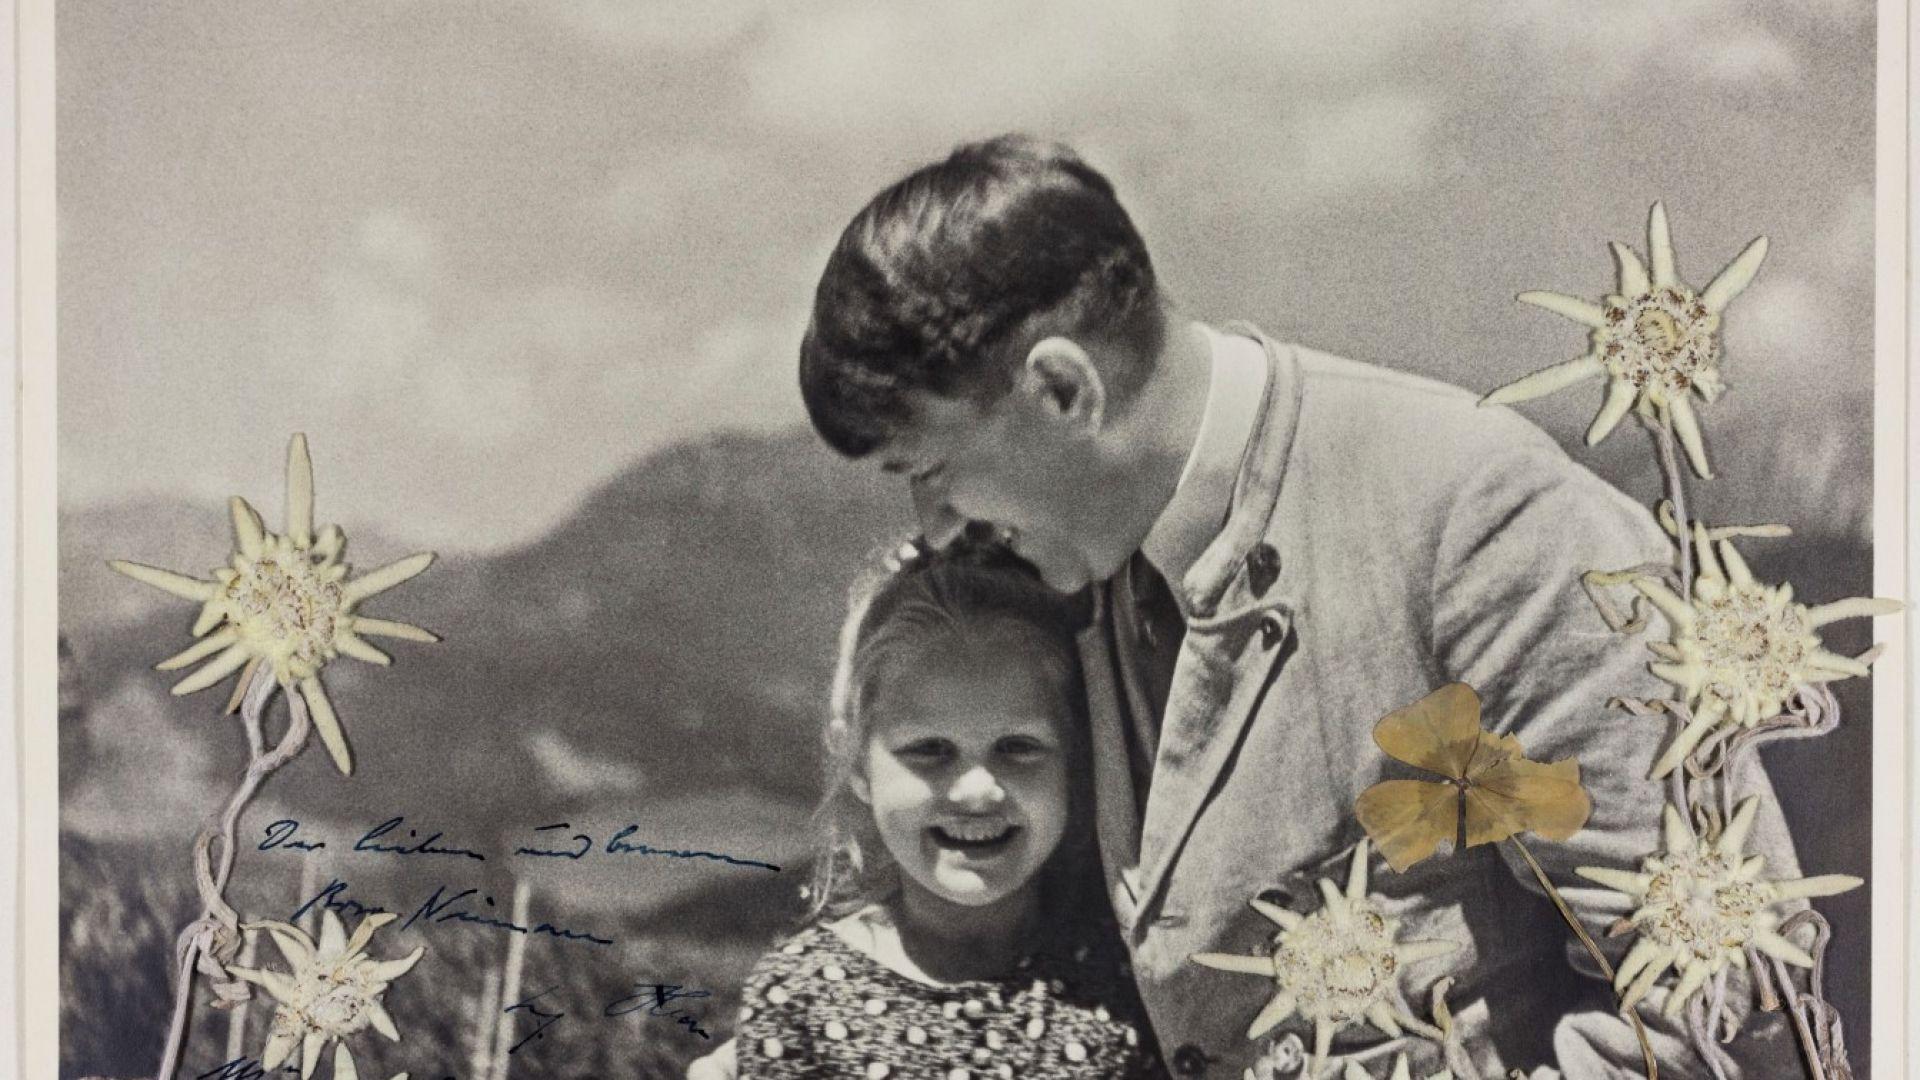 Снимка, на която Хитлер целува внуче на еврейка, продадена за $11 000